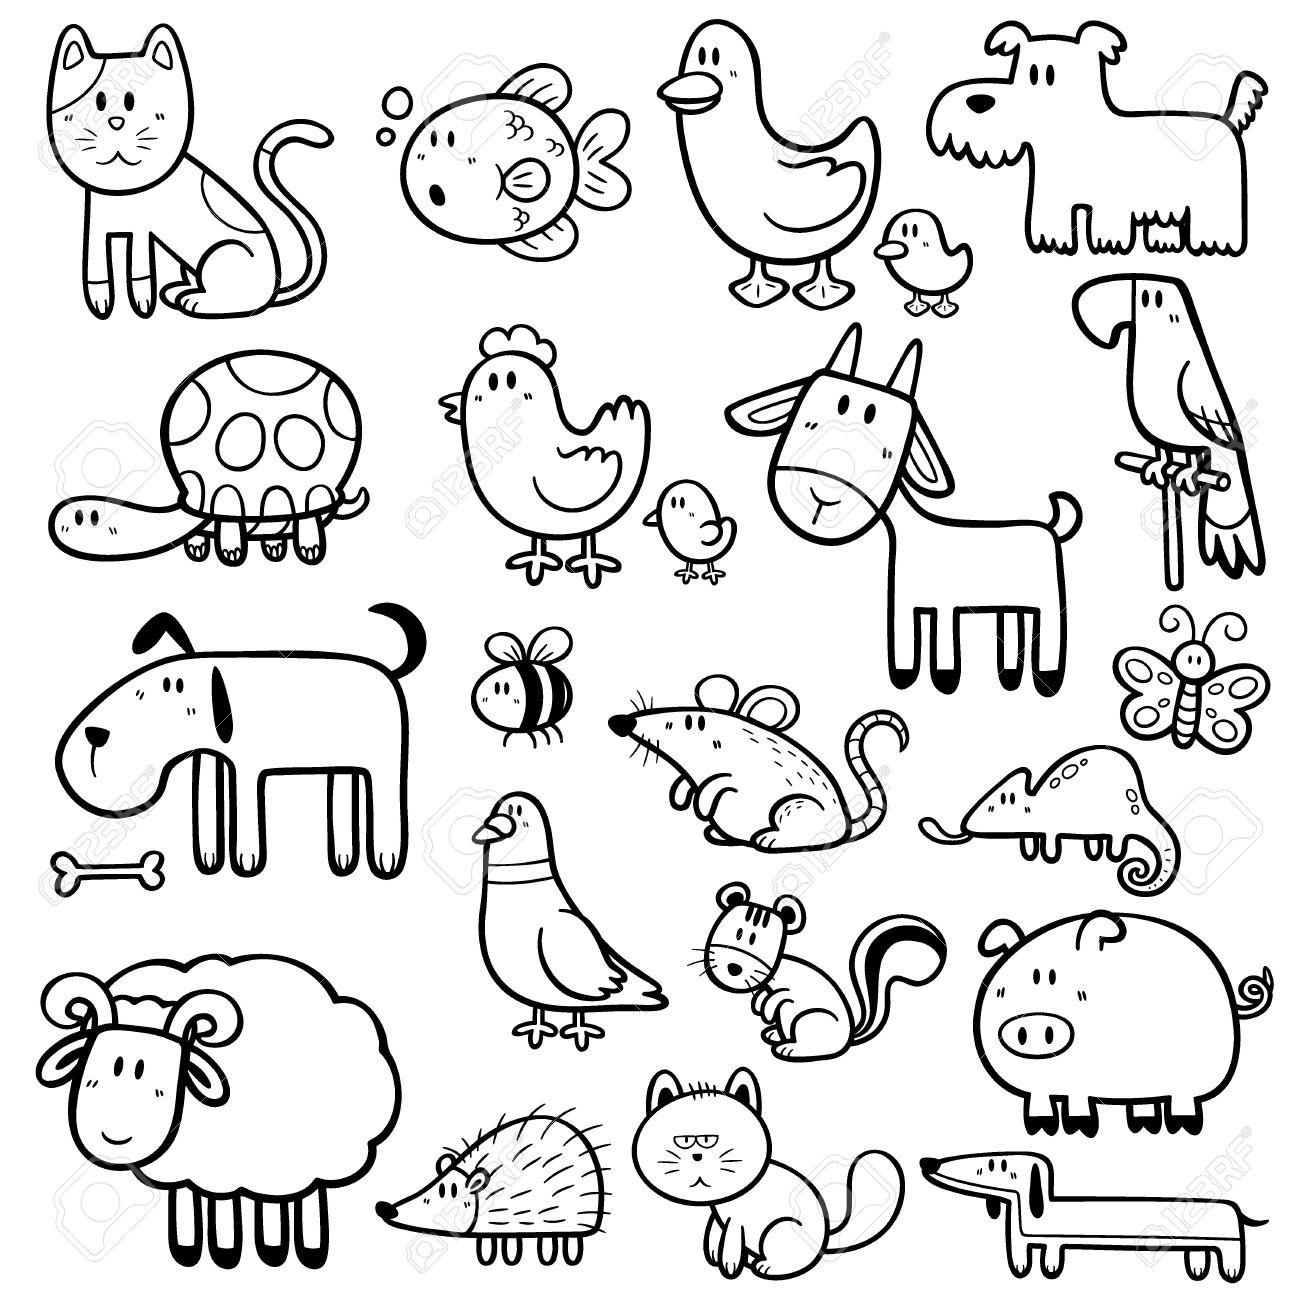 動物 イラスト 塗り絵 7331 イラス